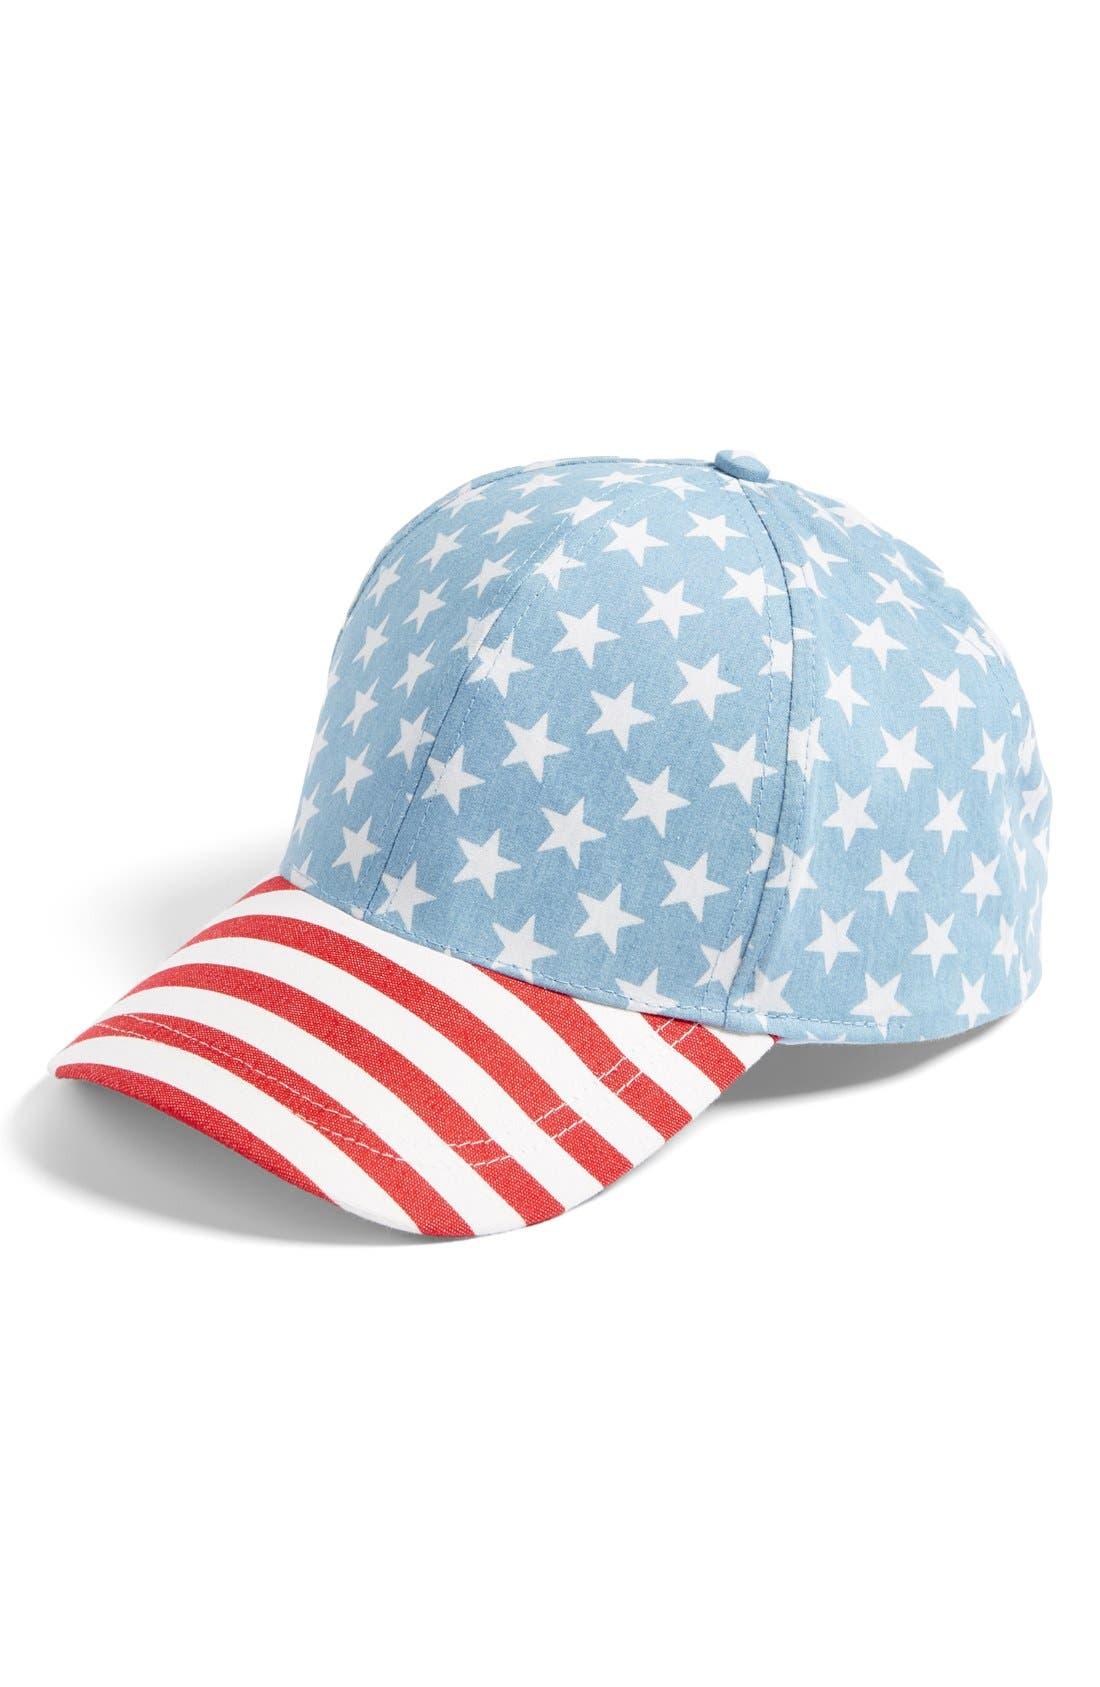 Alternate Image 1 Selected - BP. American Flag Cap